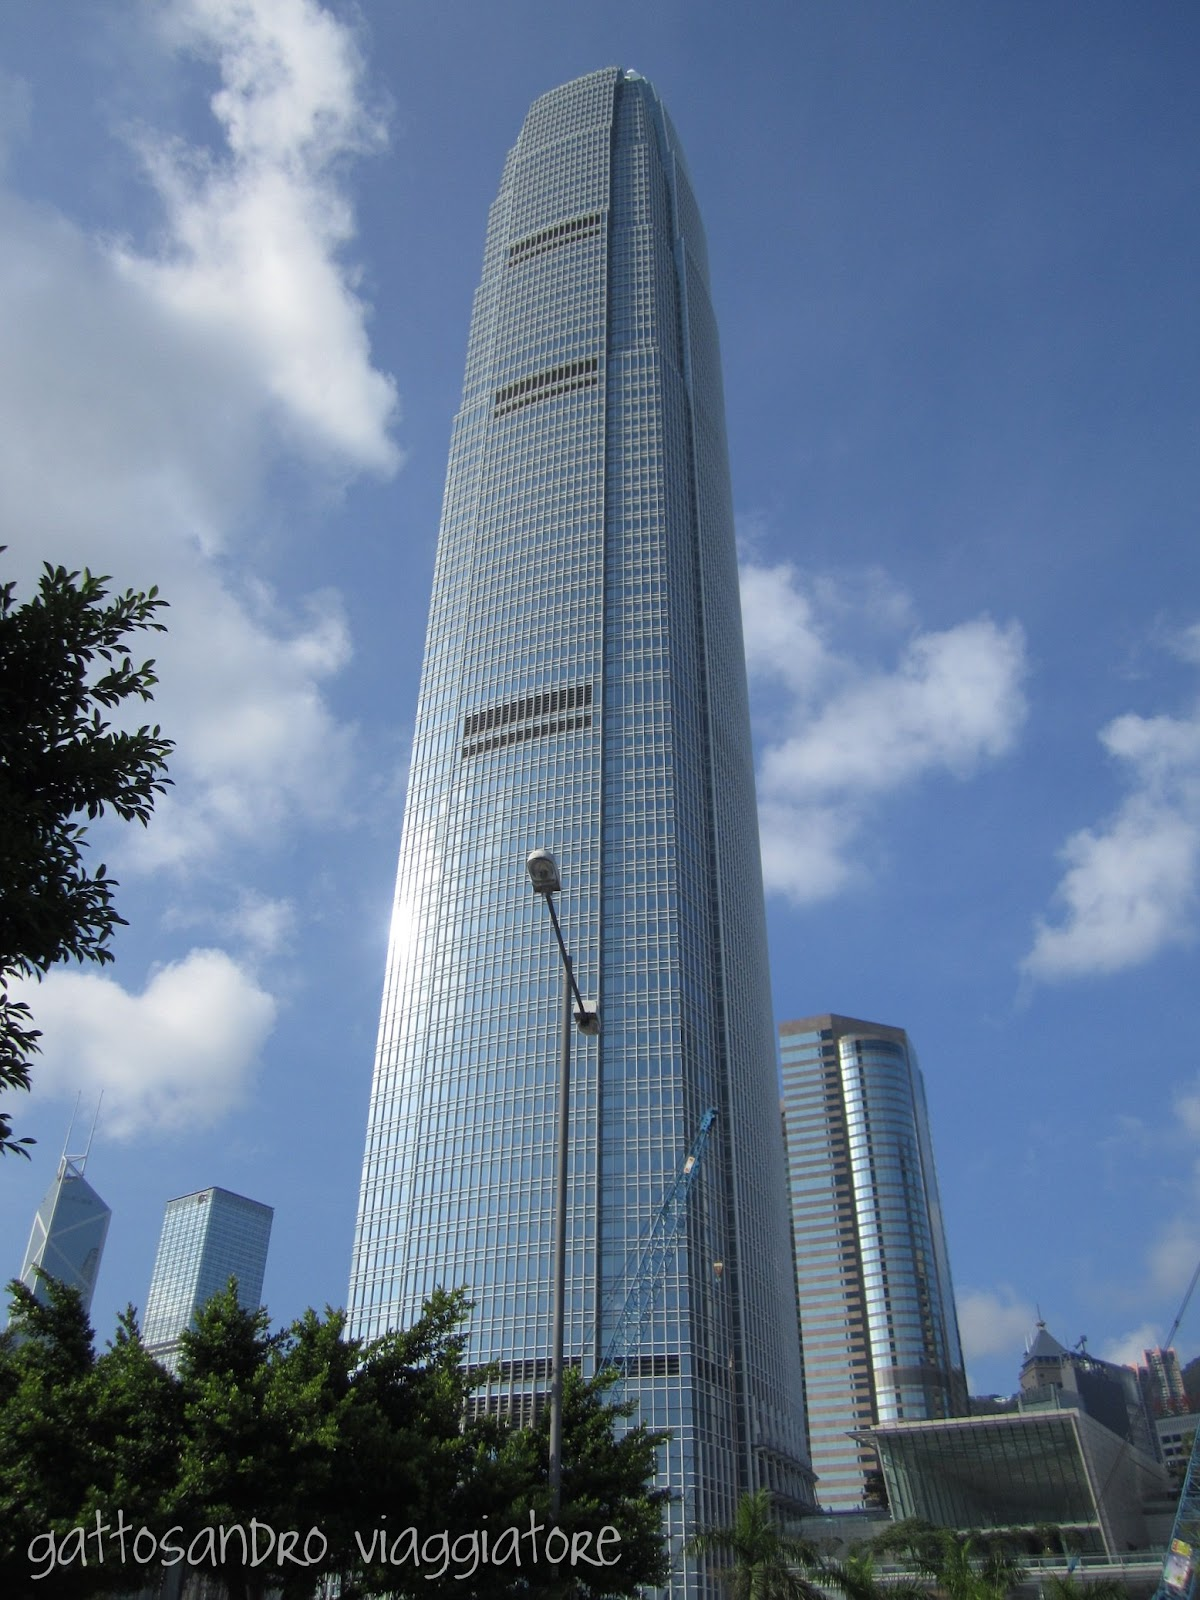 Gattosandro viaggiatore travel blog i grattacieli di for 30x30 piani di piani a 2 piani